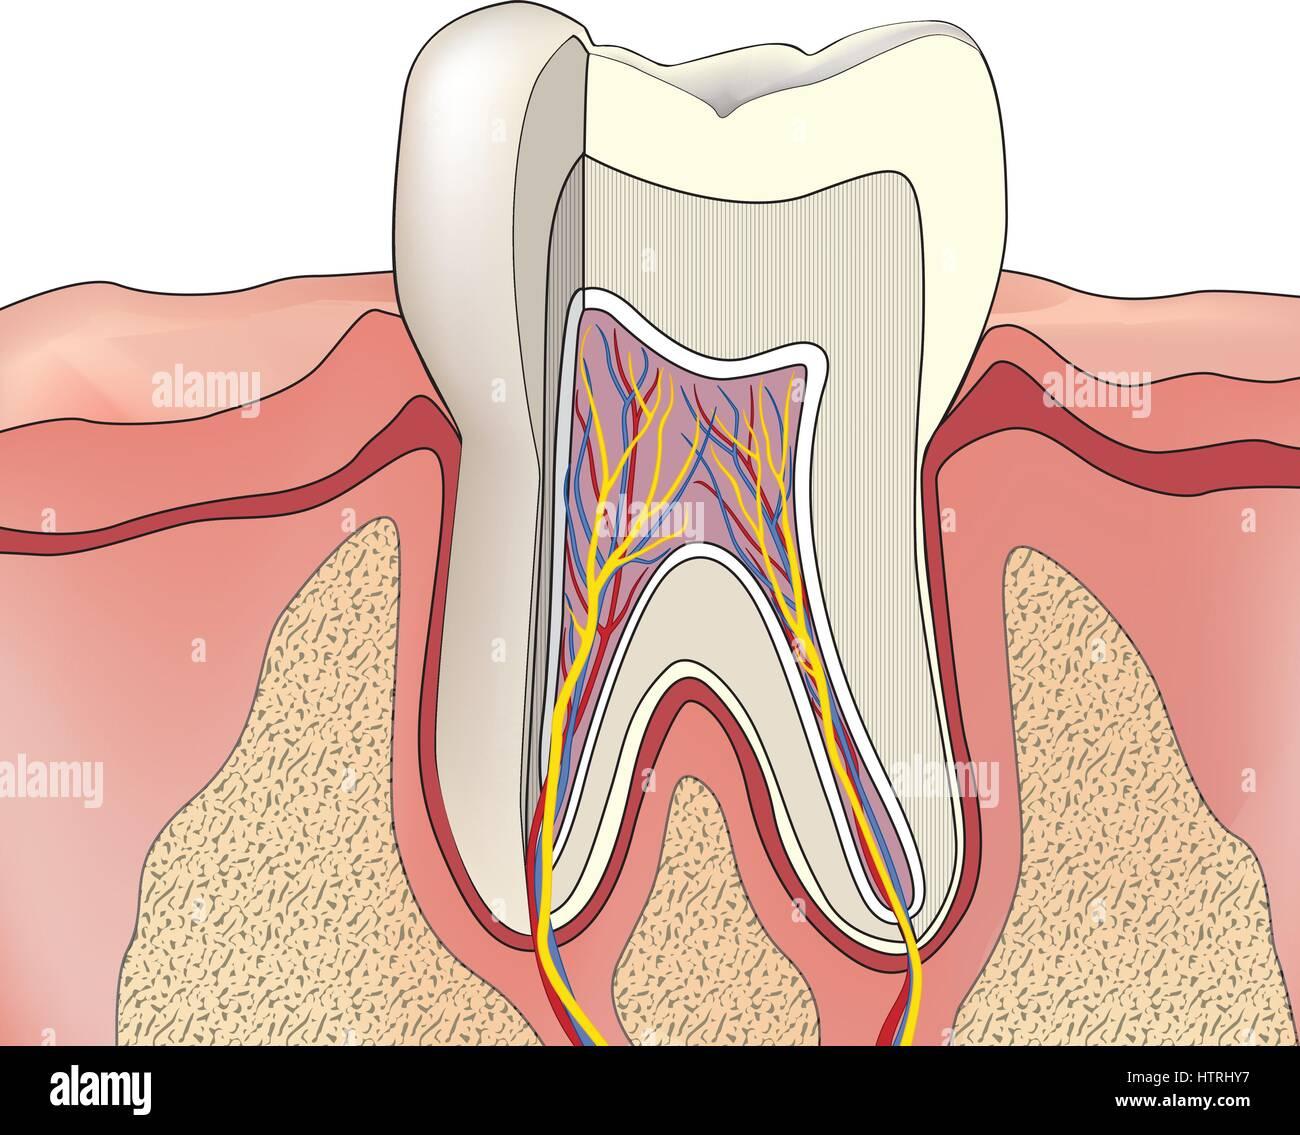 Zahnstruktur. Anatomie der Zähne. Dental Medical Illustration Vektor ...